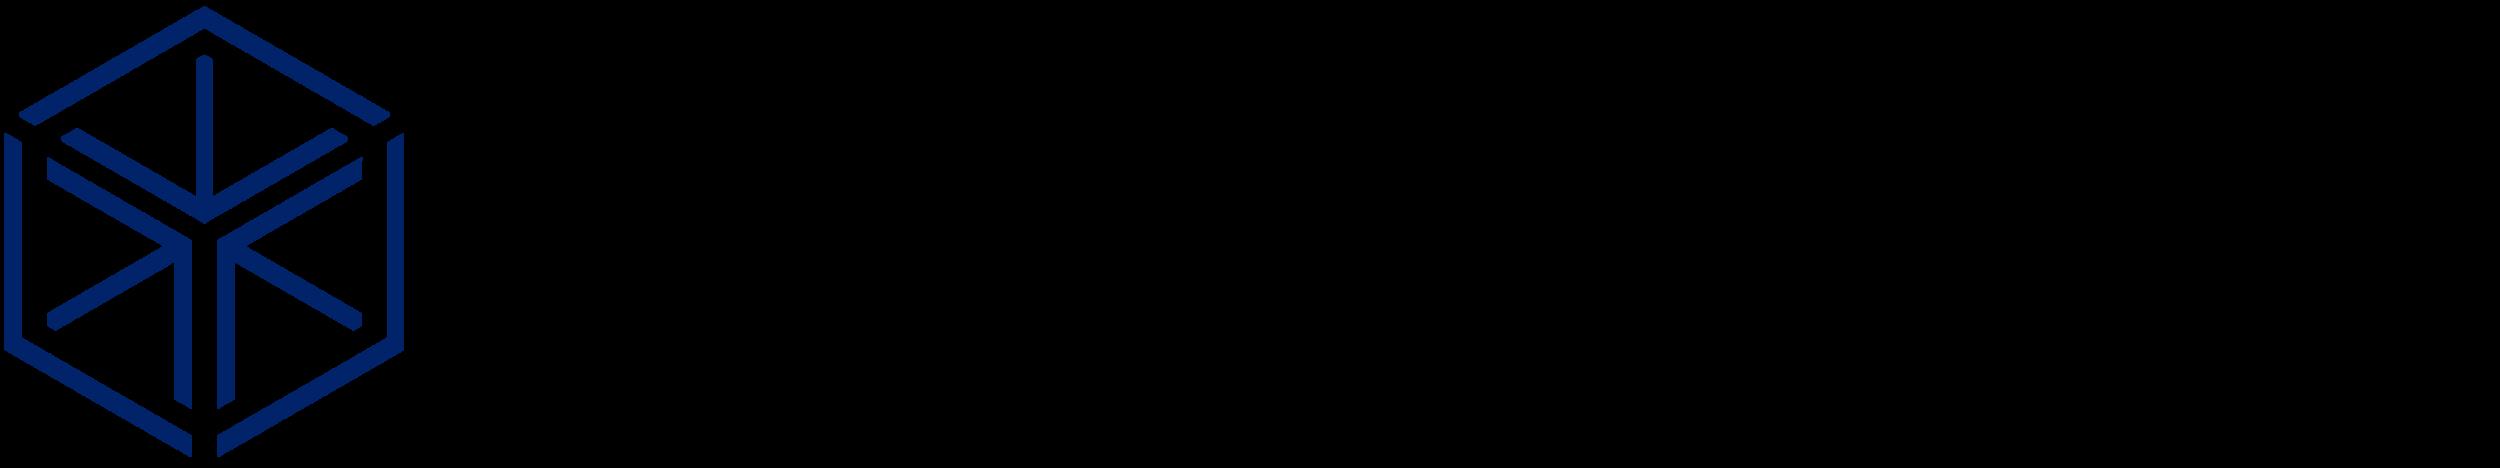 kleinschmidt-full-logo-01.png